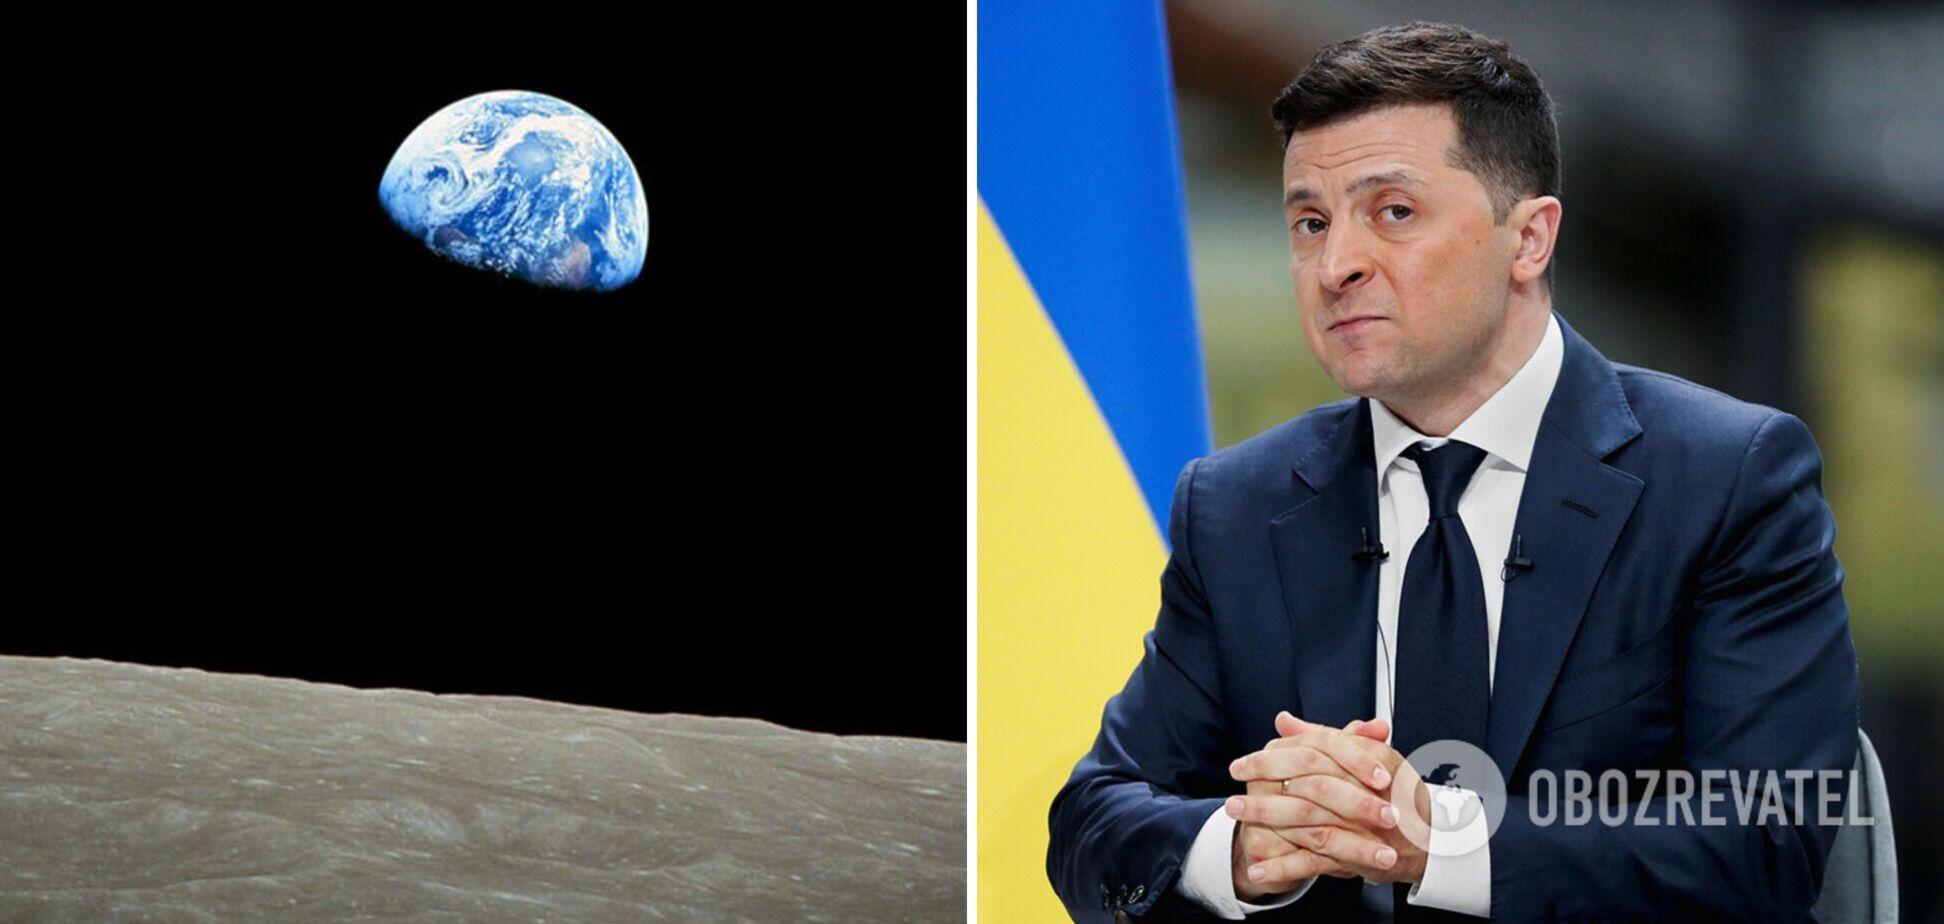 Зеленський поставив завдання у 2022 році запустити супутники, а в 2024 – модуль на Місяць, – Уруський